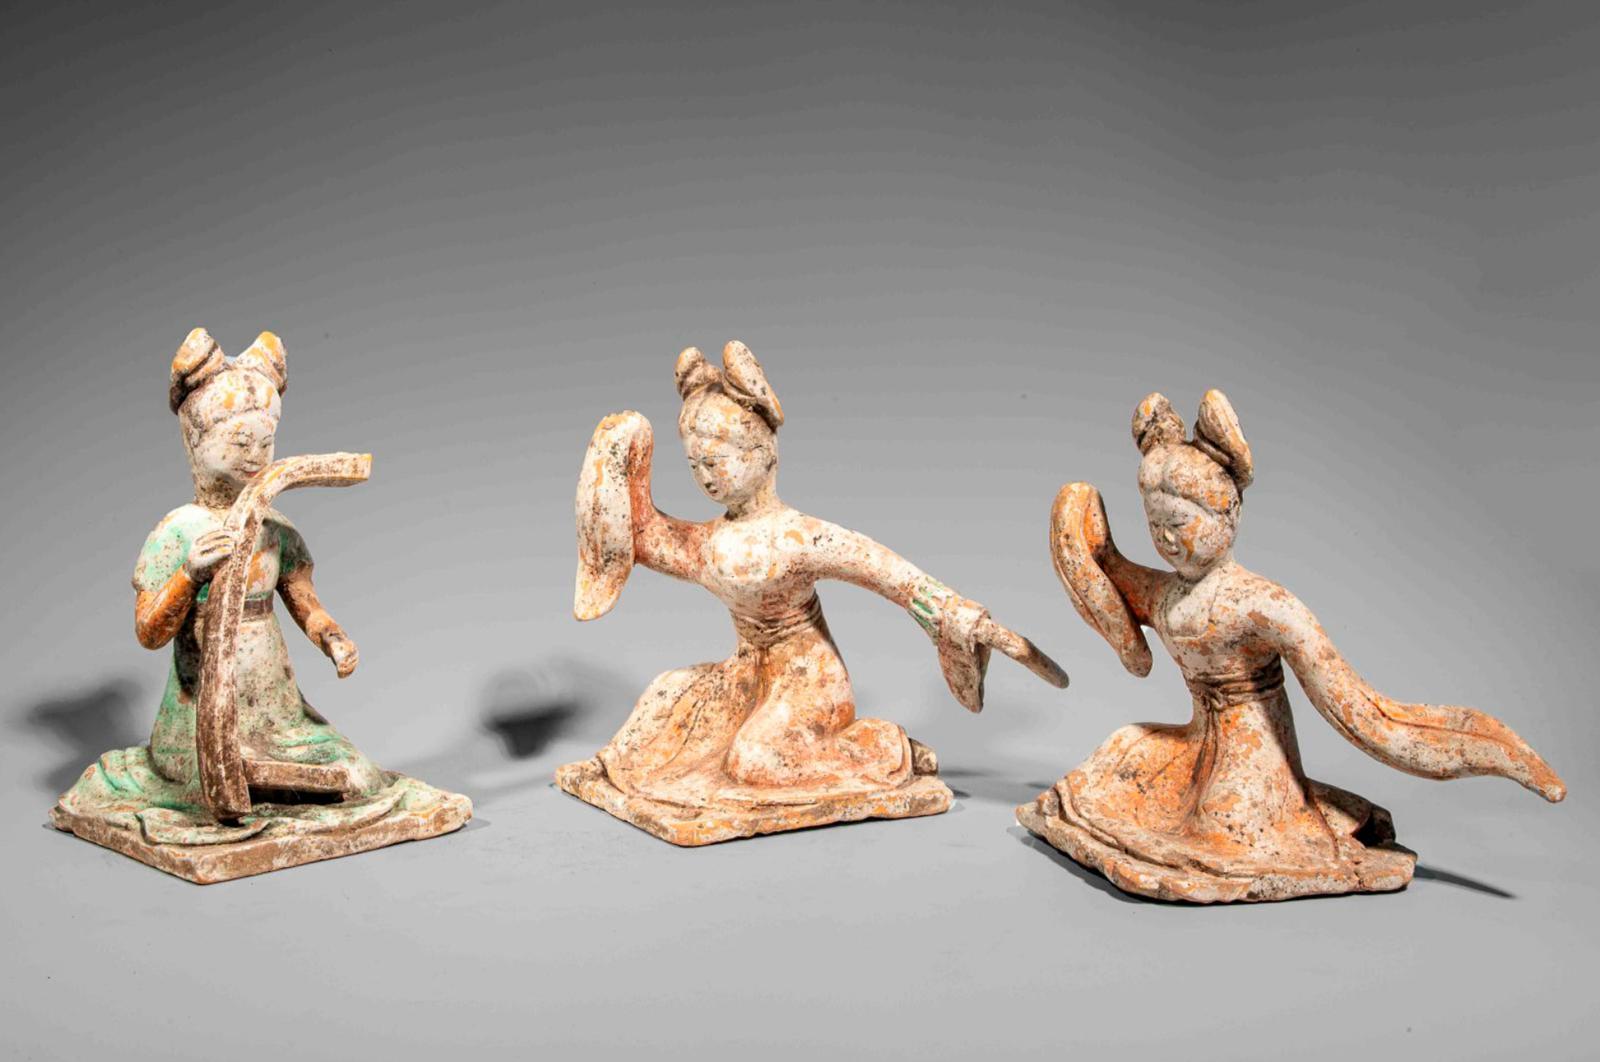 5080€ Chine, dynastie Tang(618-907). Suite de trois actrices dont une joueuse de harpe, terre cuiteà traces d'engobe et de polychromie,